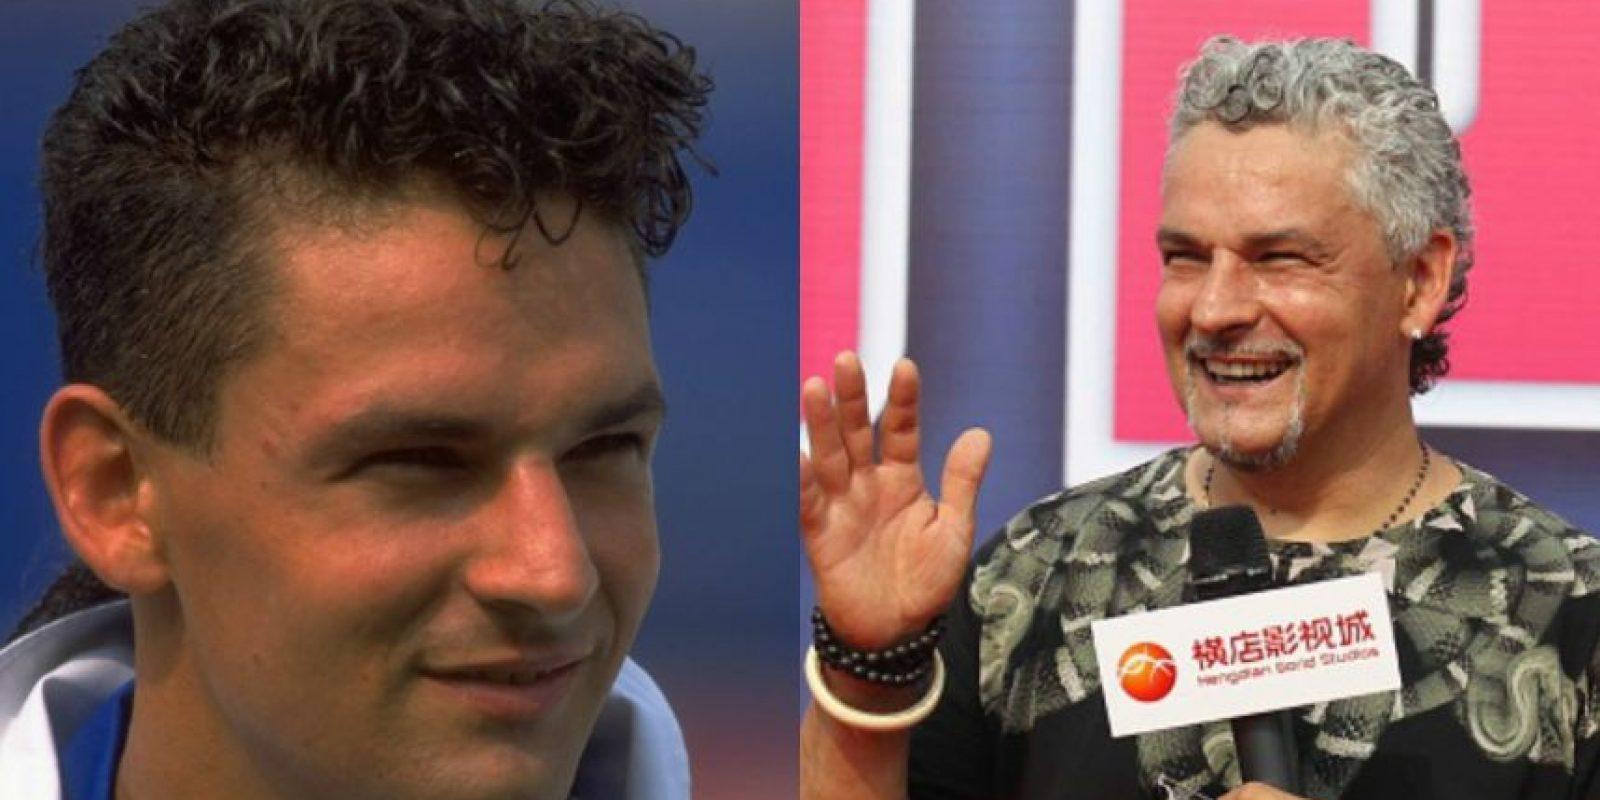 Roberto Baggio: El subcampeón del mundo en 1994 (todos recordamos su penal fallado ante Brasil) hoy tiene 48 años. Jugó en equipos como Juventus, Inter y AC Milán para retirarse en 2004. Foto:Getty Images